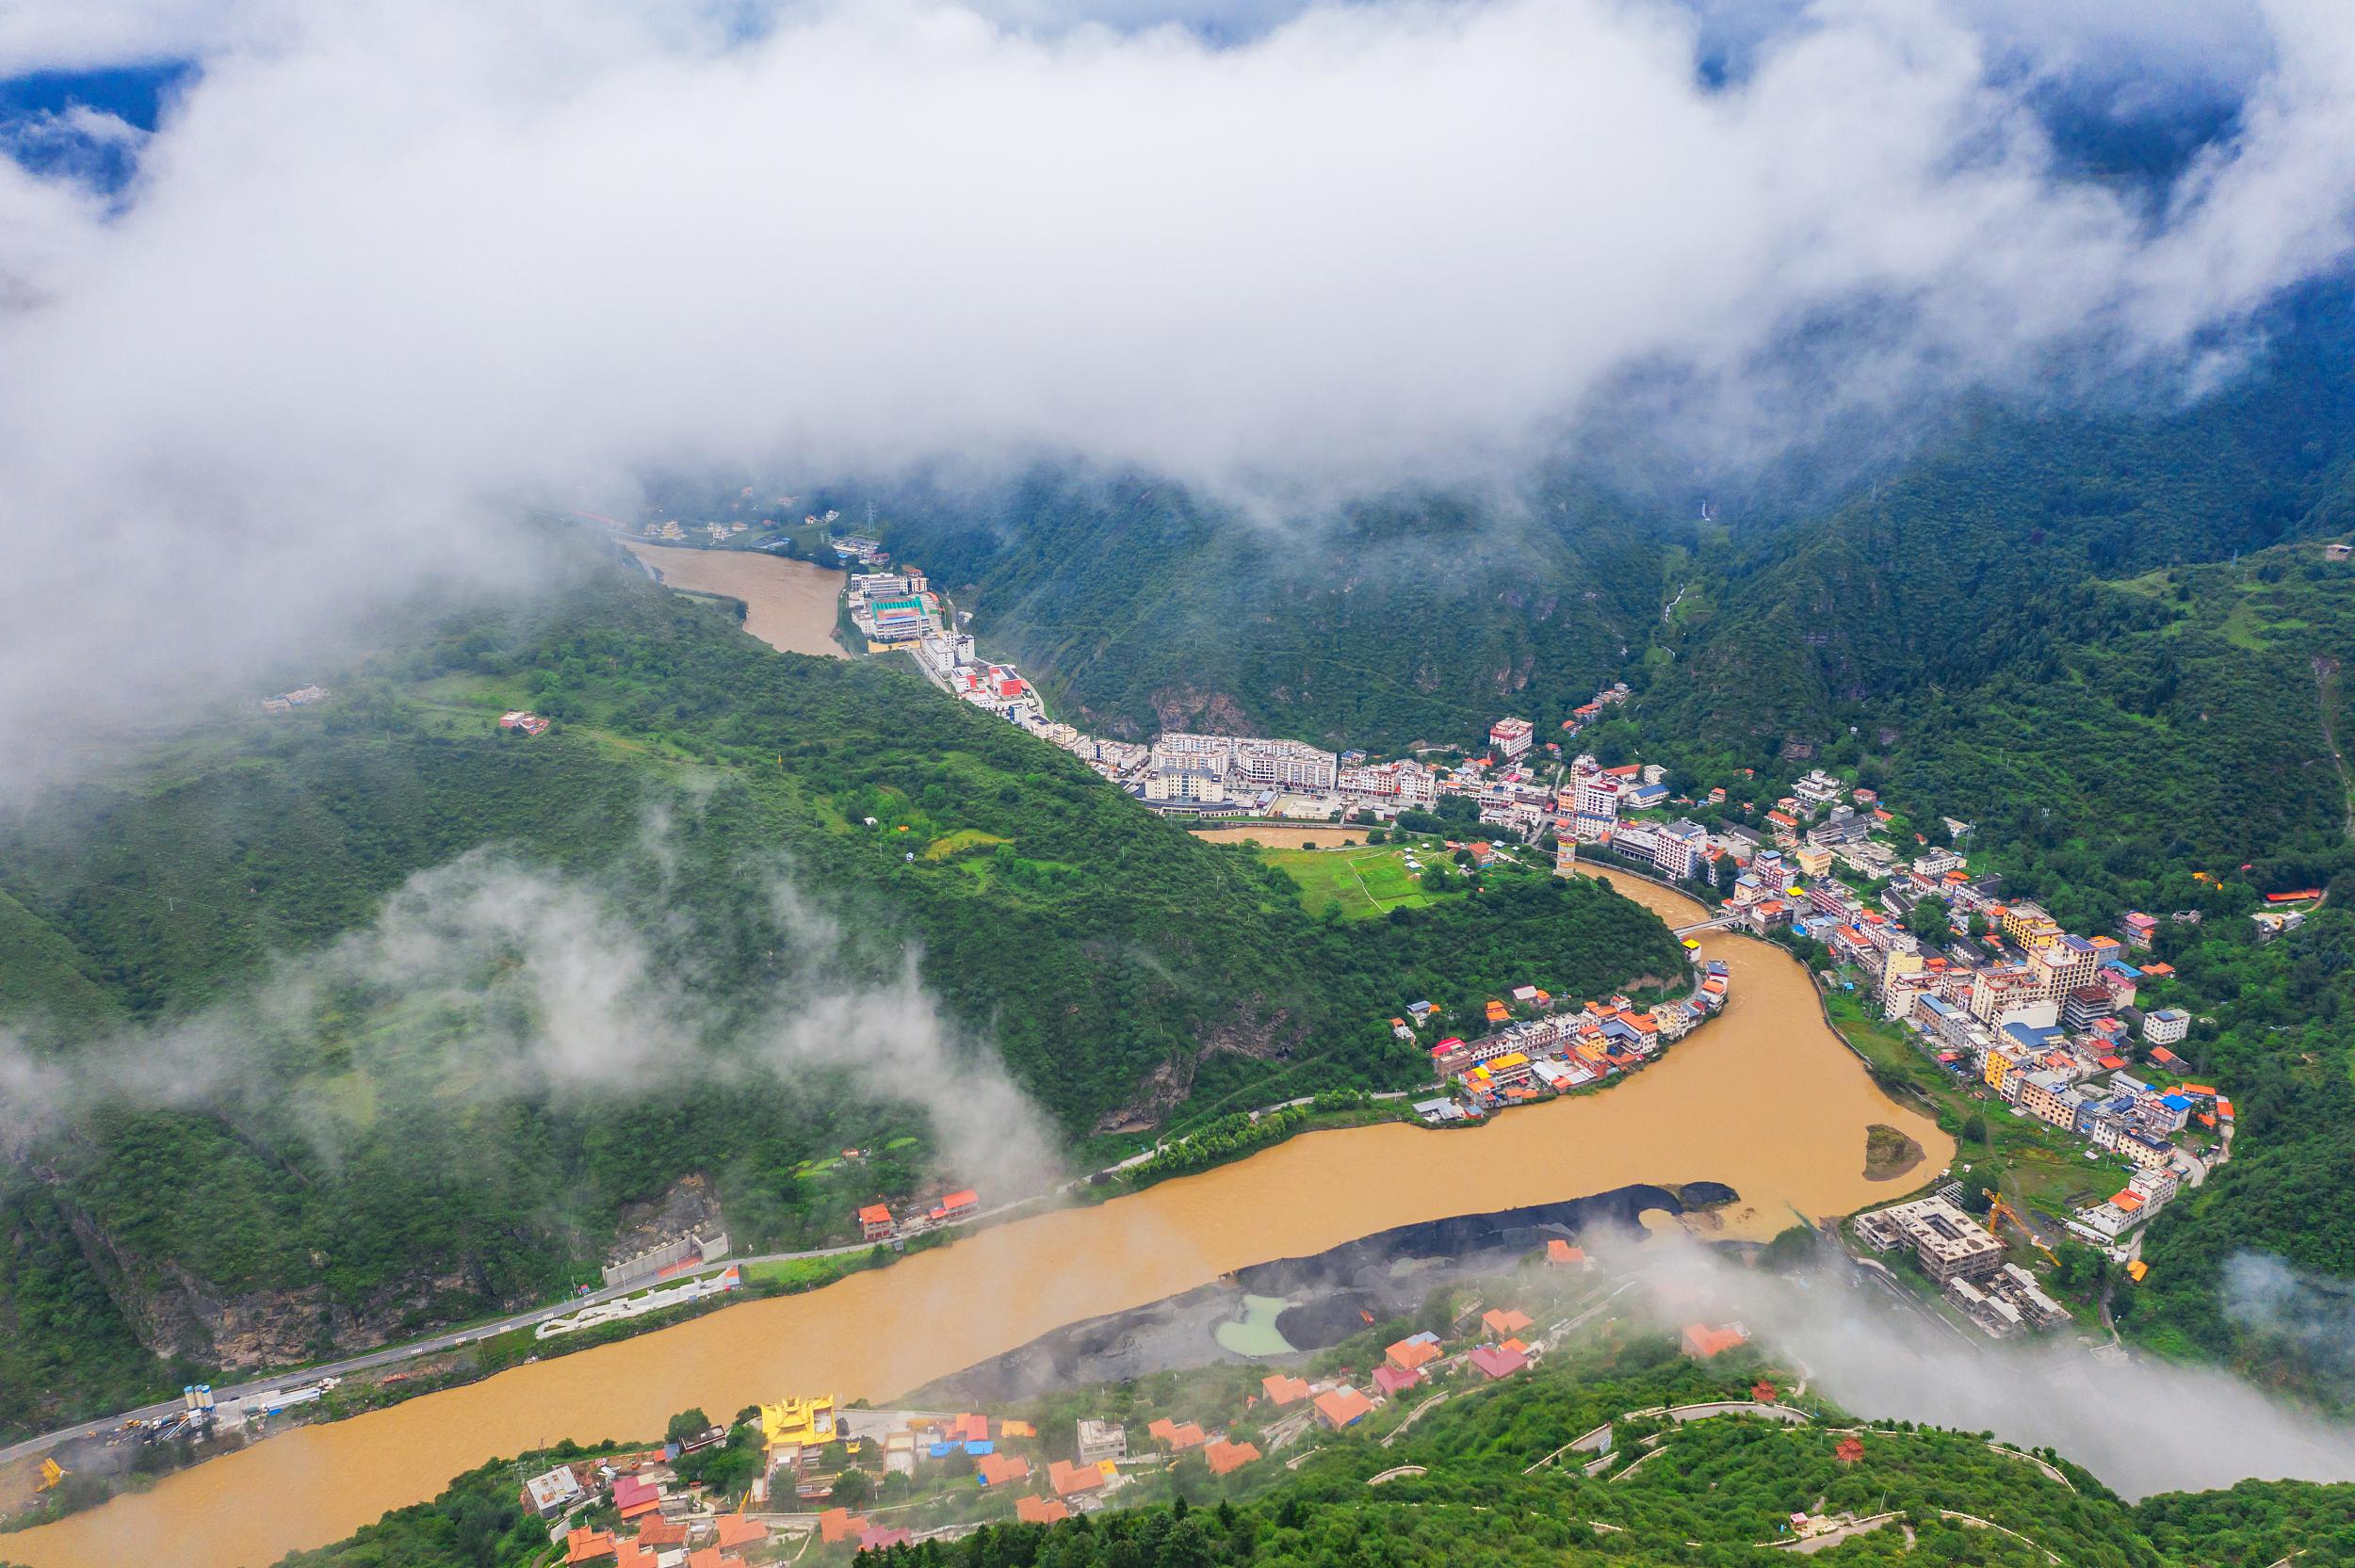 Guanyinqiao